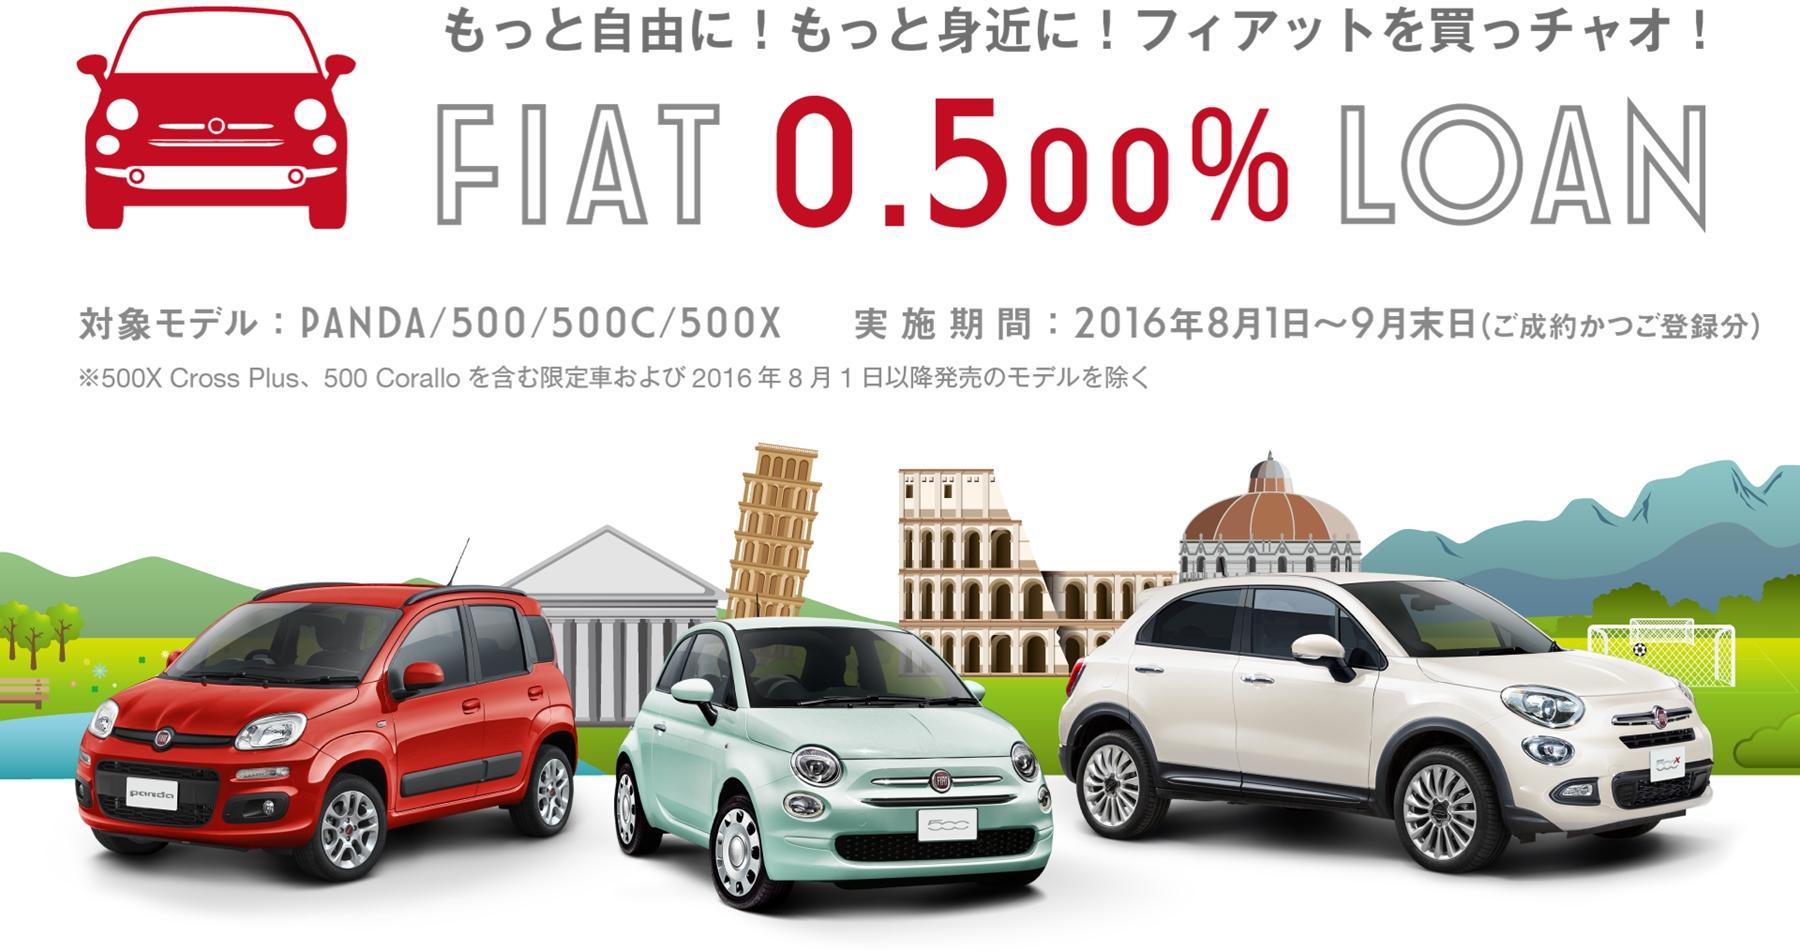 160805fiat_0.500%_loan